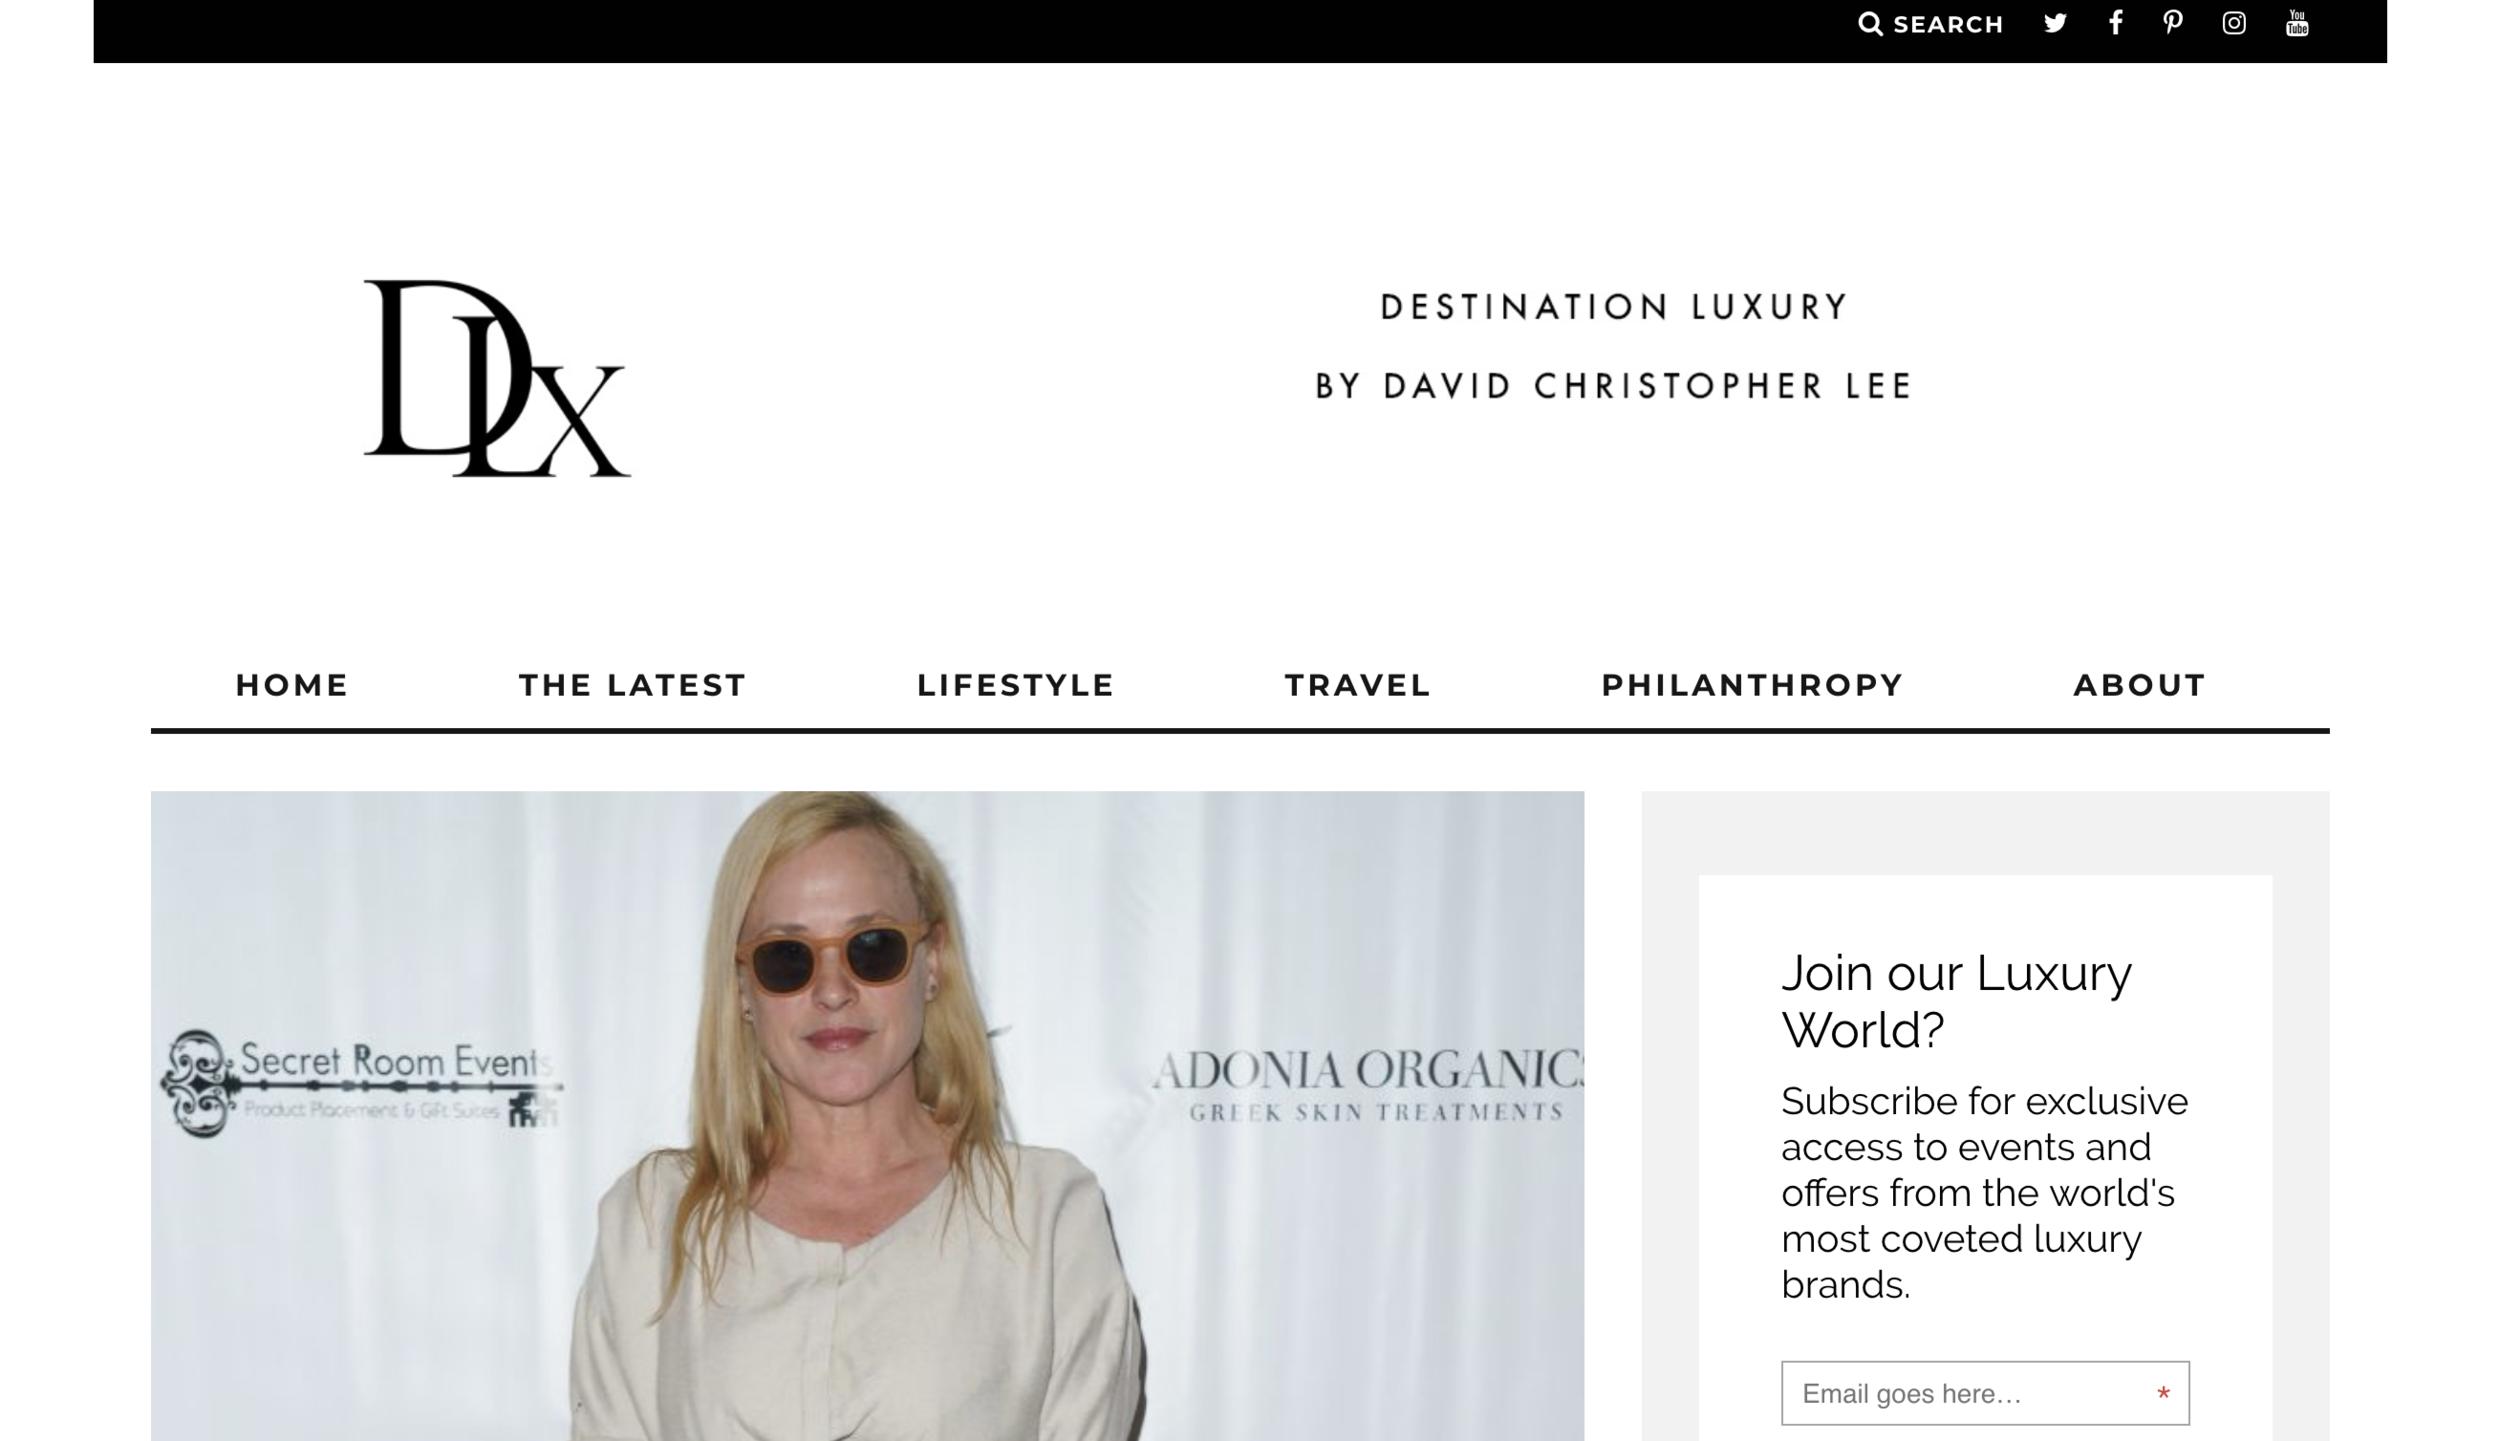 Destination Luxury - Golden Globes